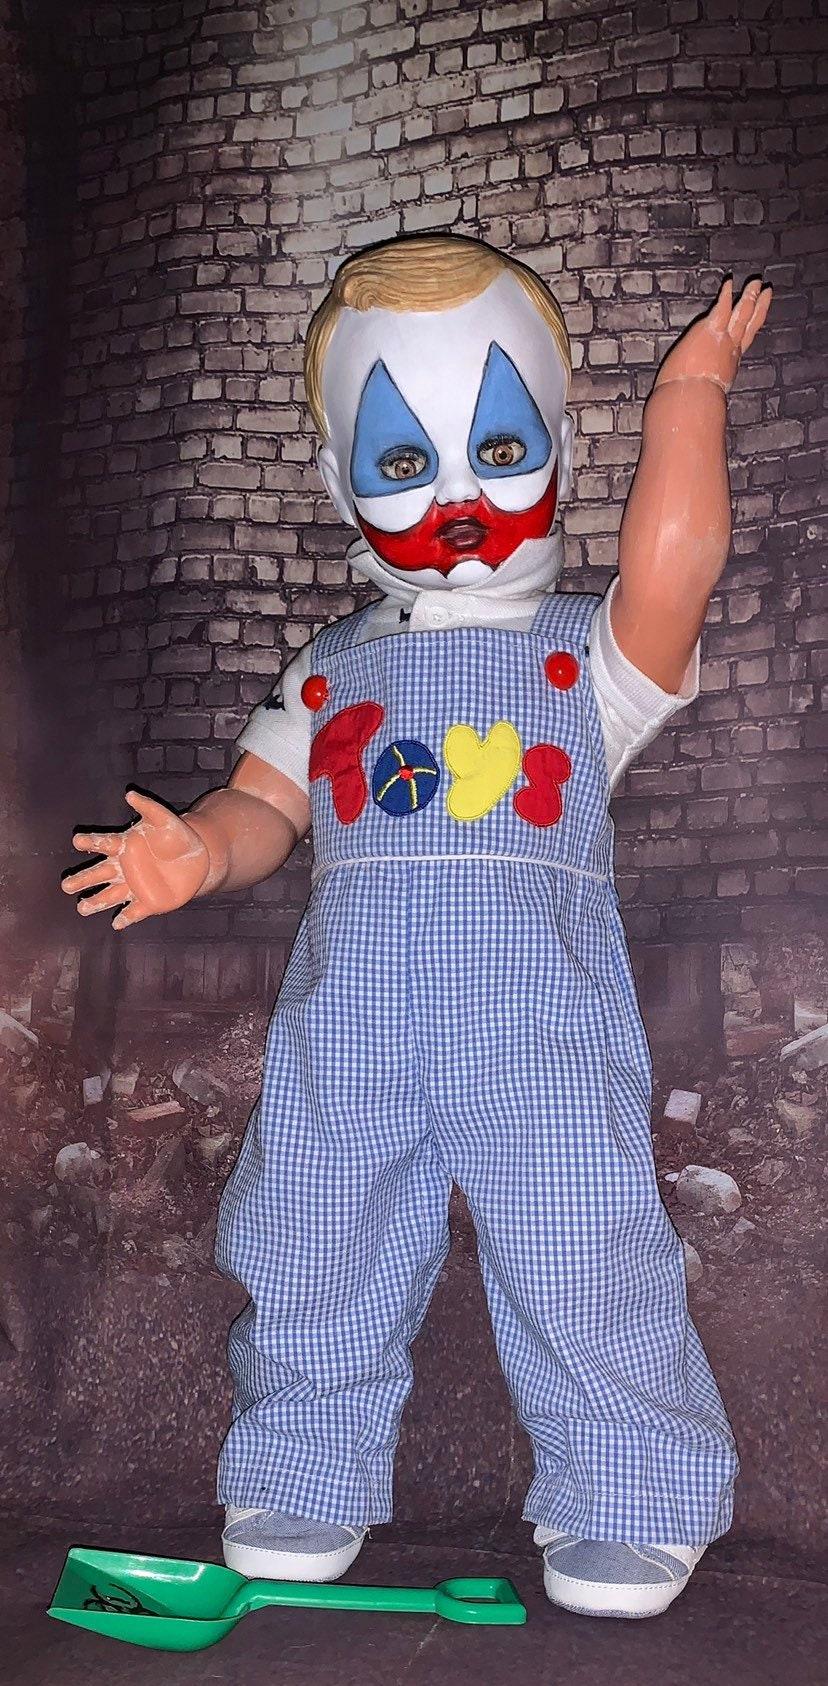 Toddler John Wayne Gacy Face Painted Pogo The Clown